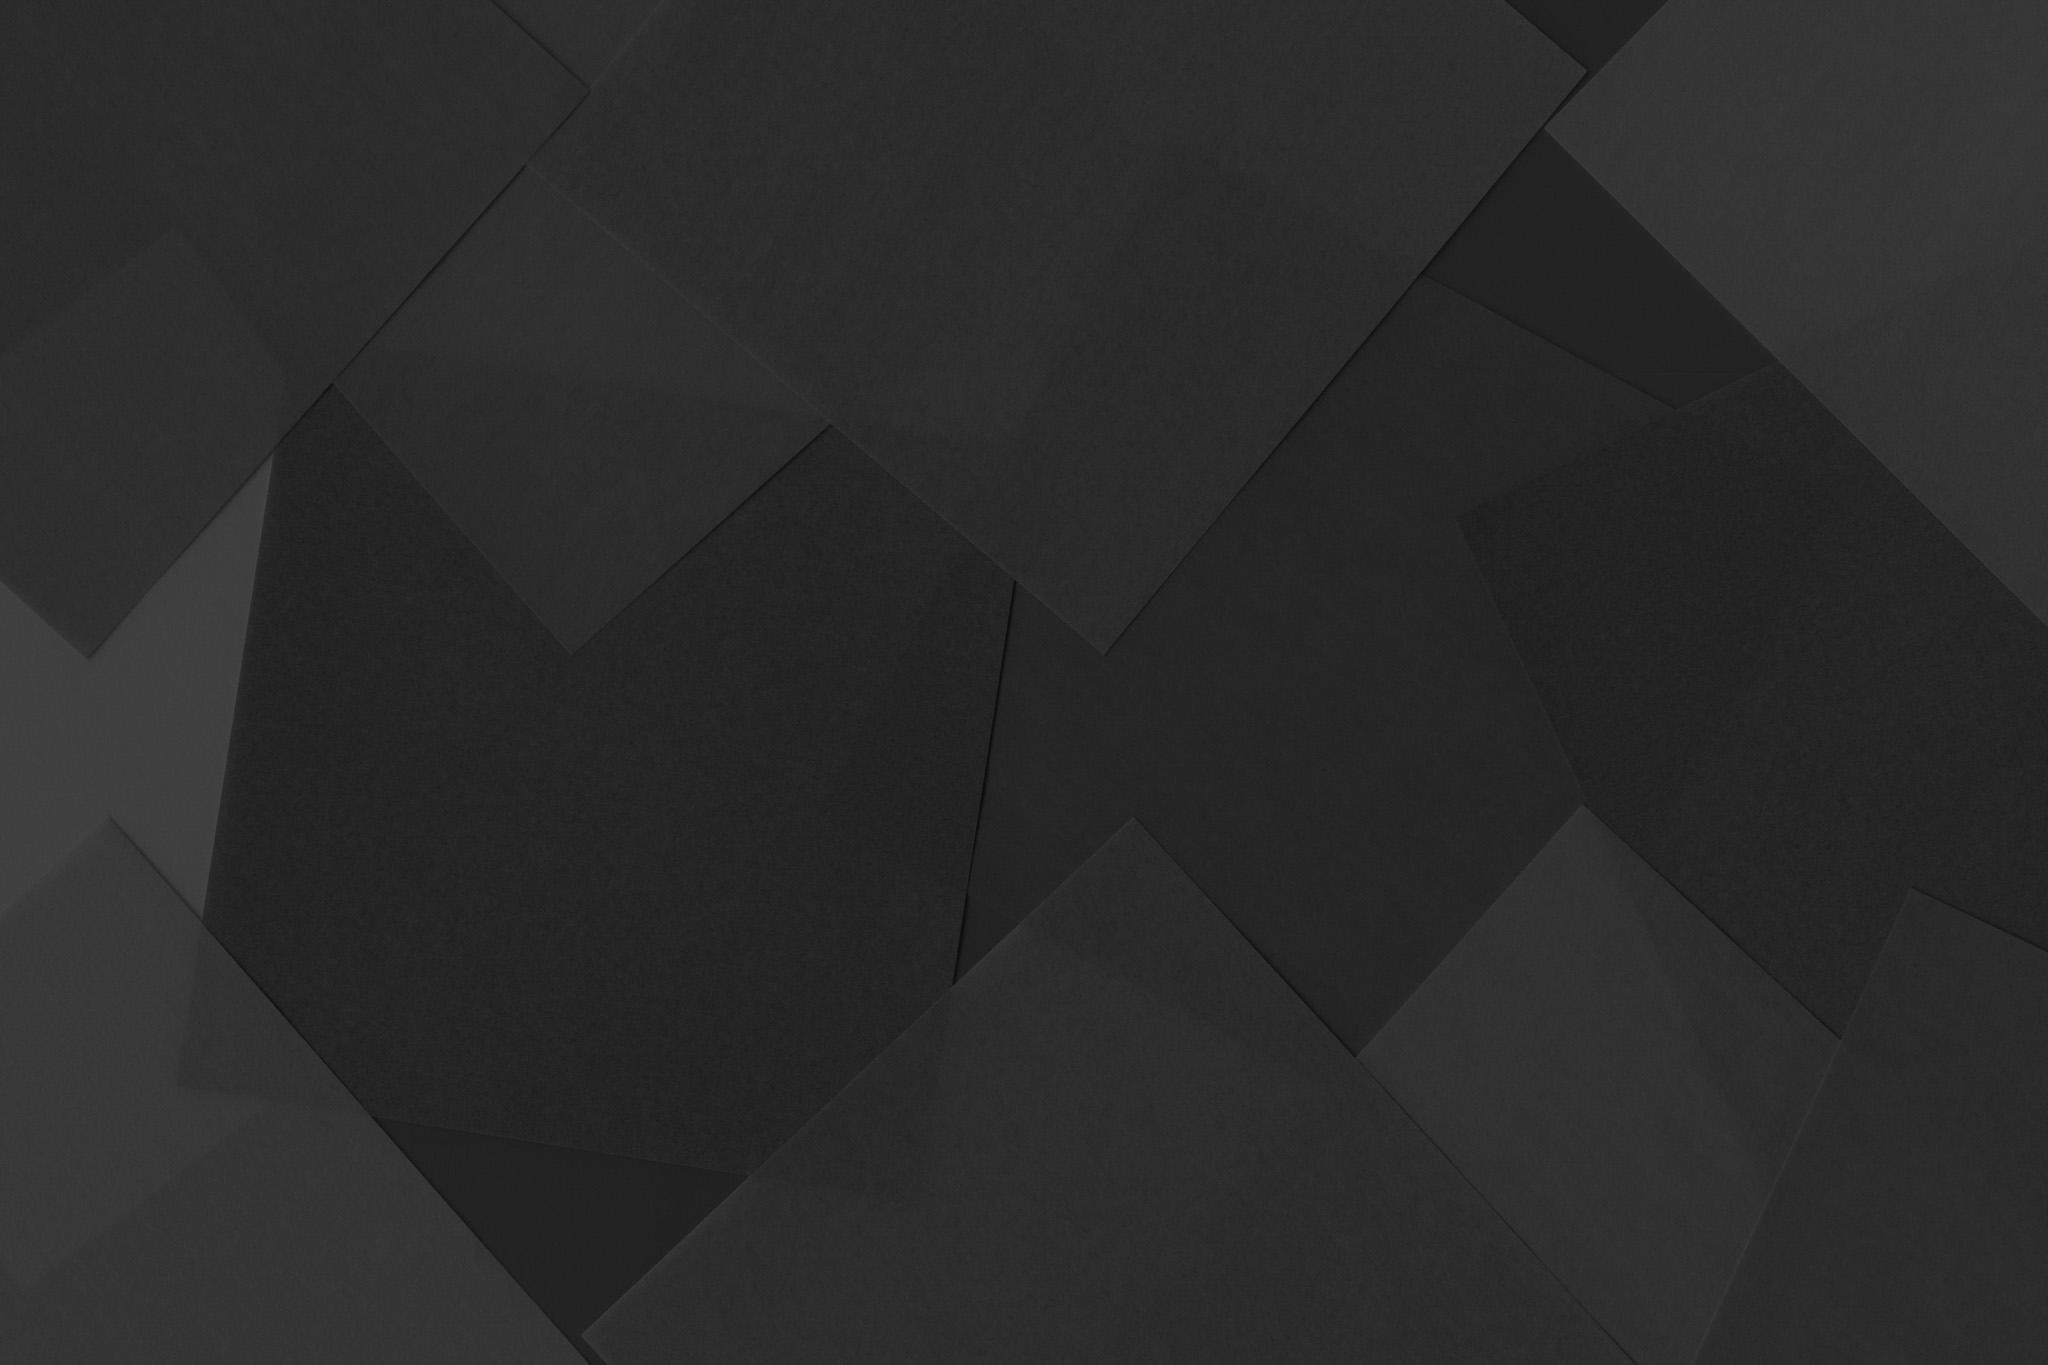 シンプルな黒色のかっこいい壁紙 の画像素材を無料ダウンロード 1 フリー素材 Beiz Images